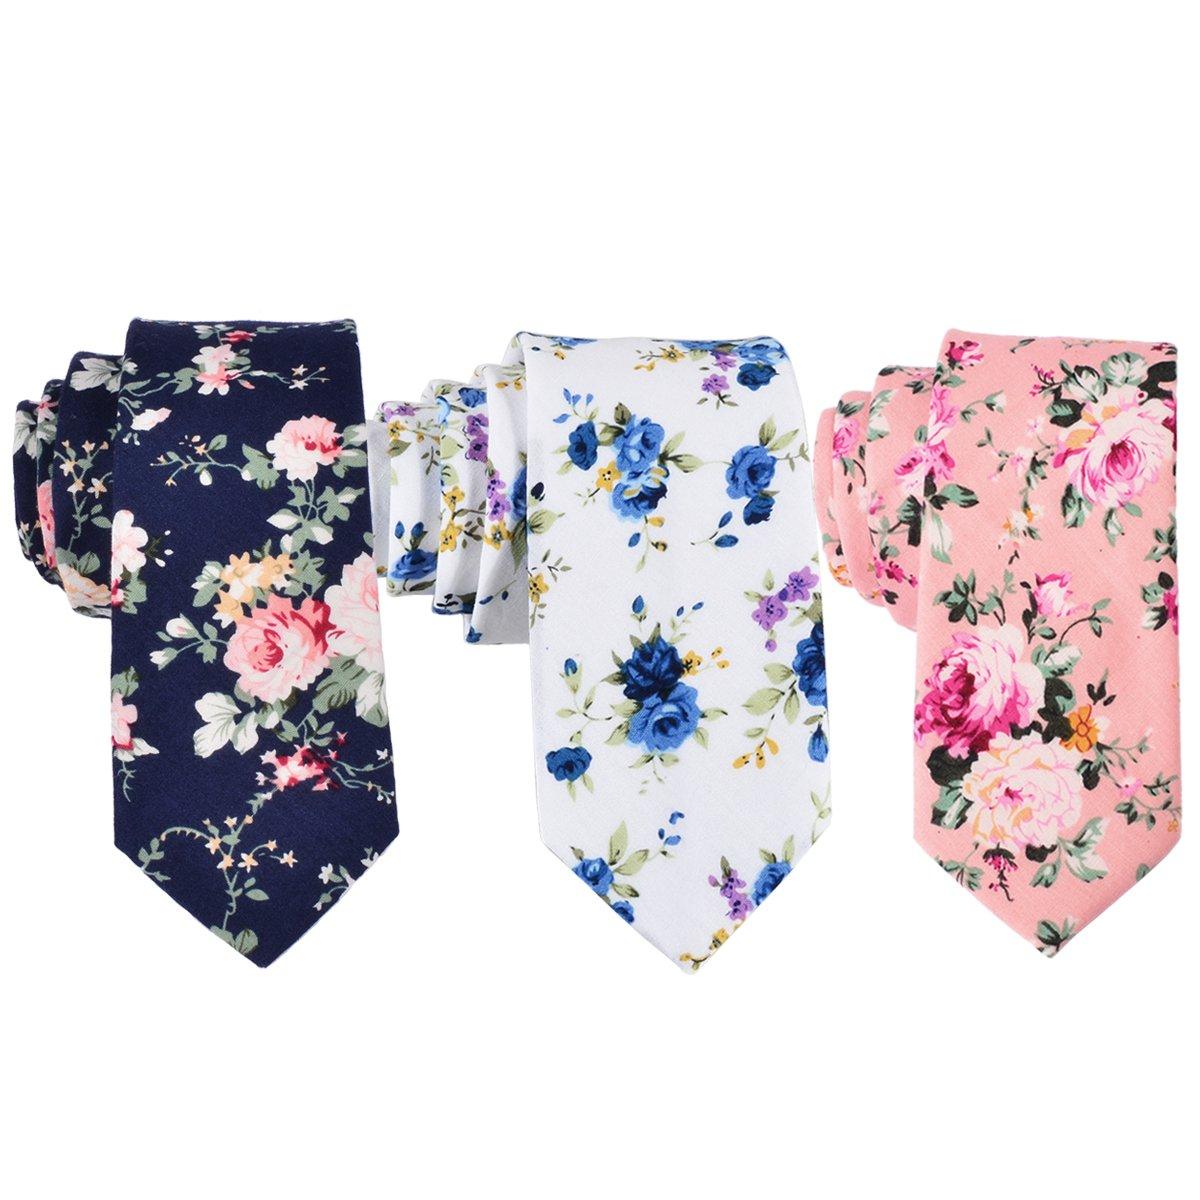 EasyJoy Skinny Ties Men's Cotton Printed Floral Necktie (color 1)